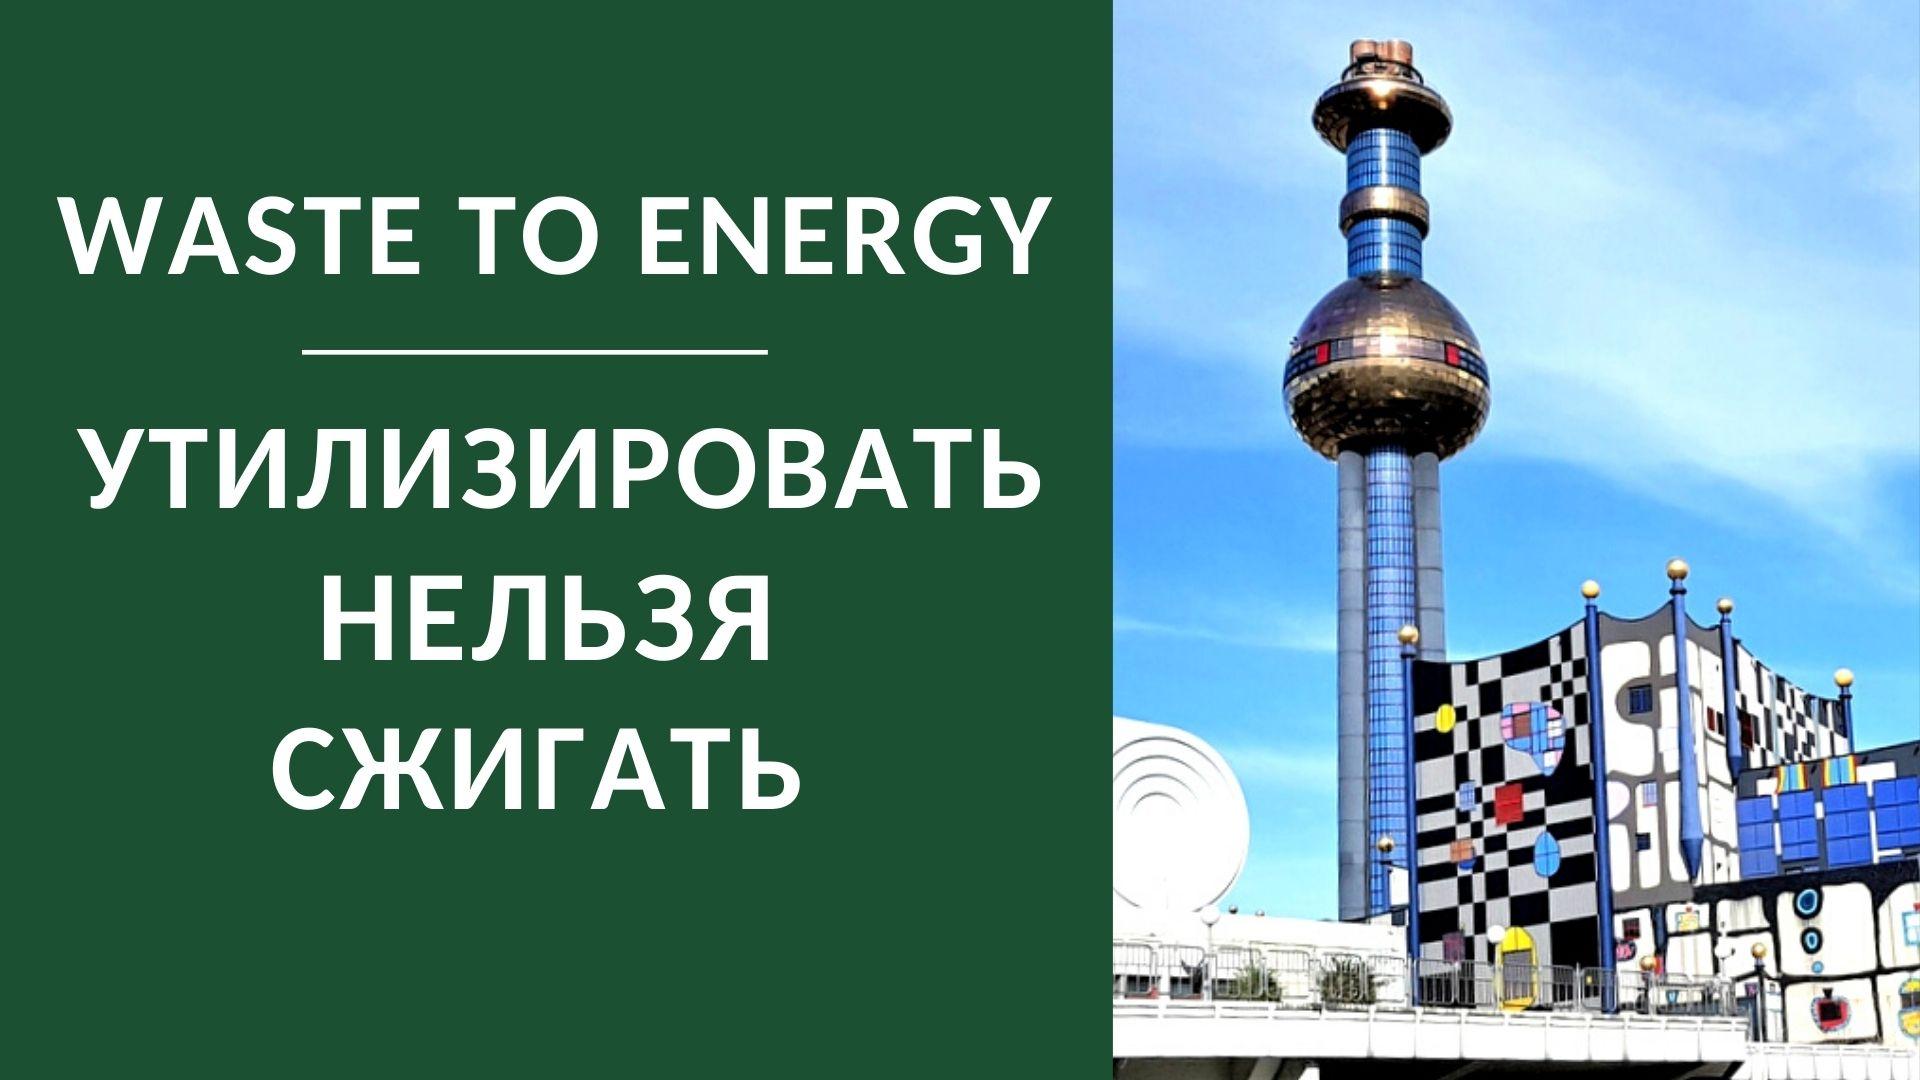 WASTE TO ENERGY: УТИЛИЗИРОВАТЬ НЕЛЬЗЯ СЖИГАТЬ